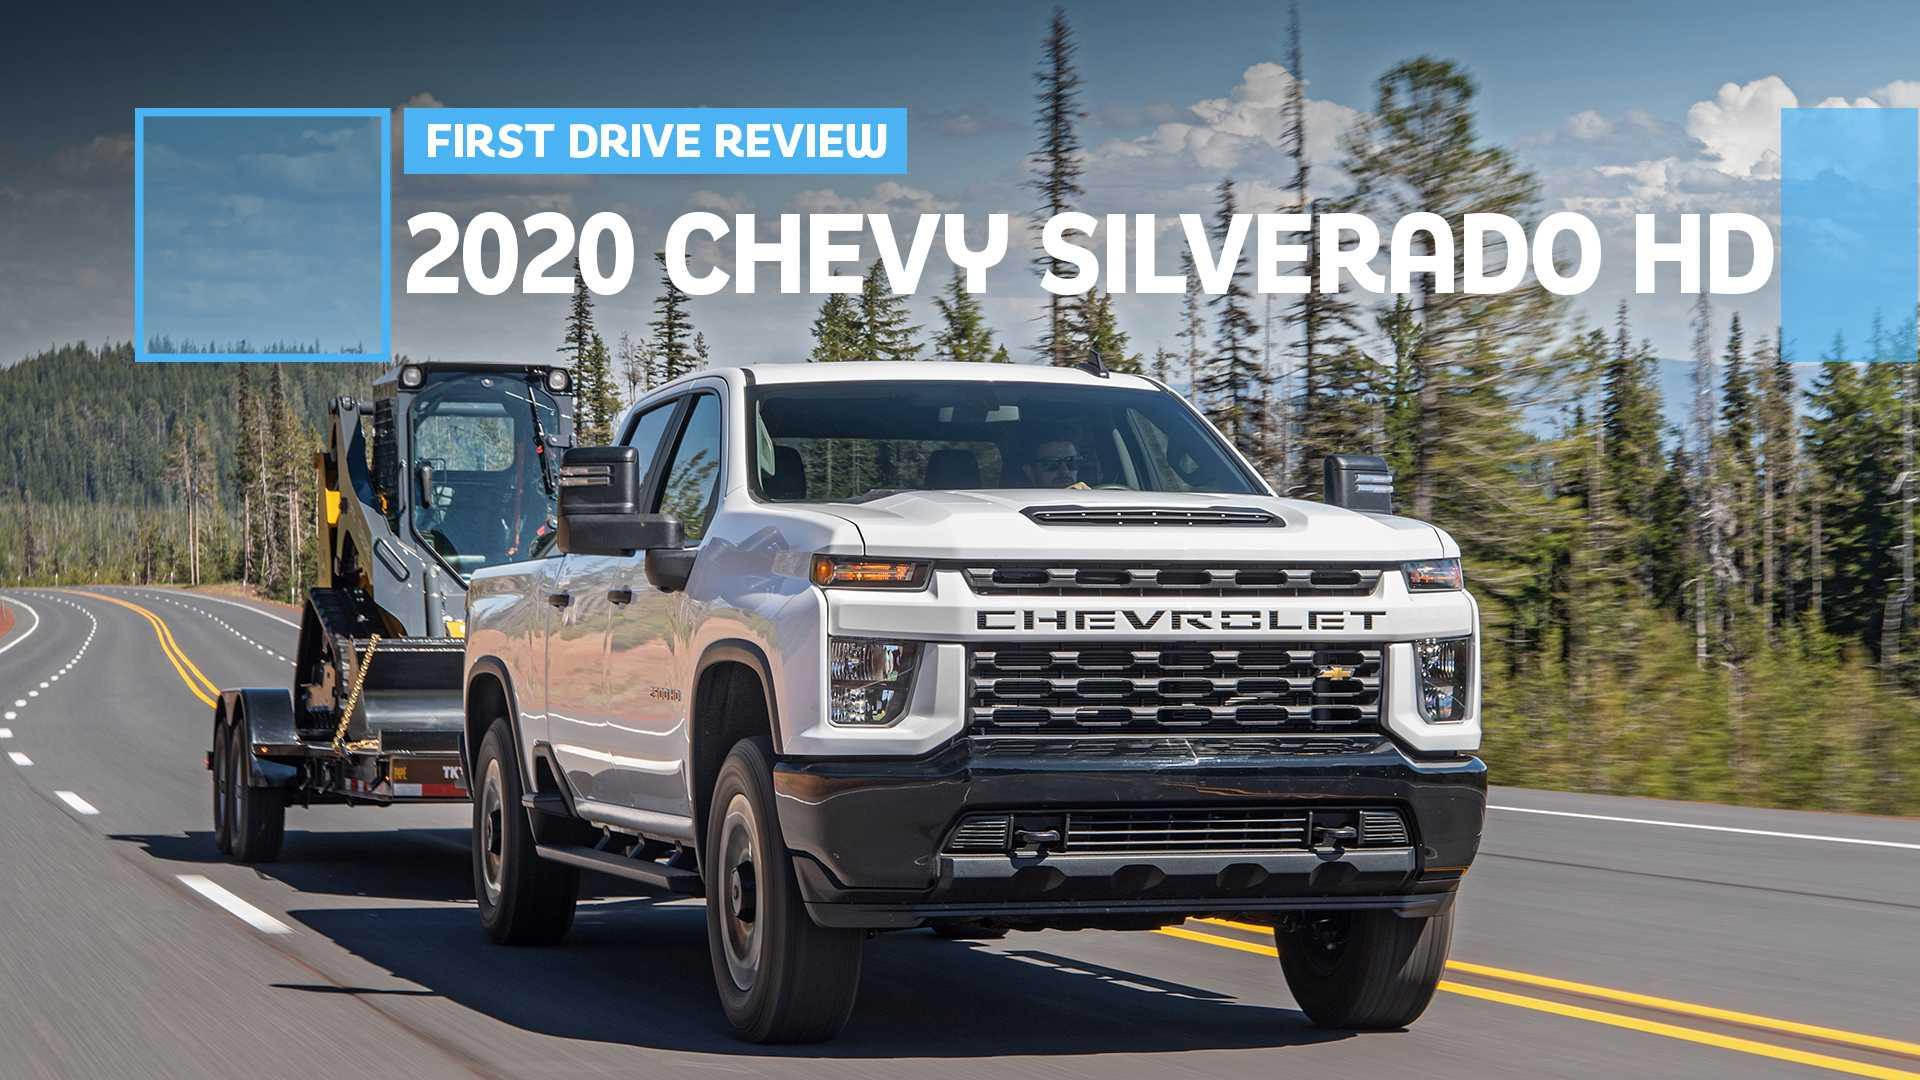 14 Concept of Chevrolet Silverado 2020 Release Date by Chevrolet Silverado 2020